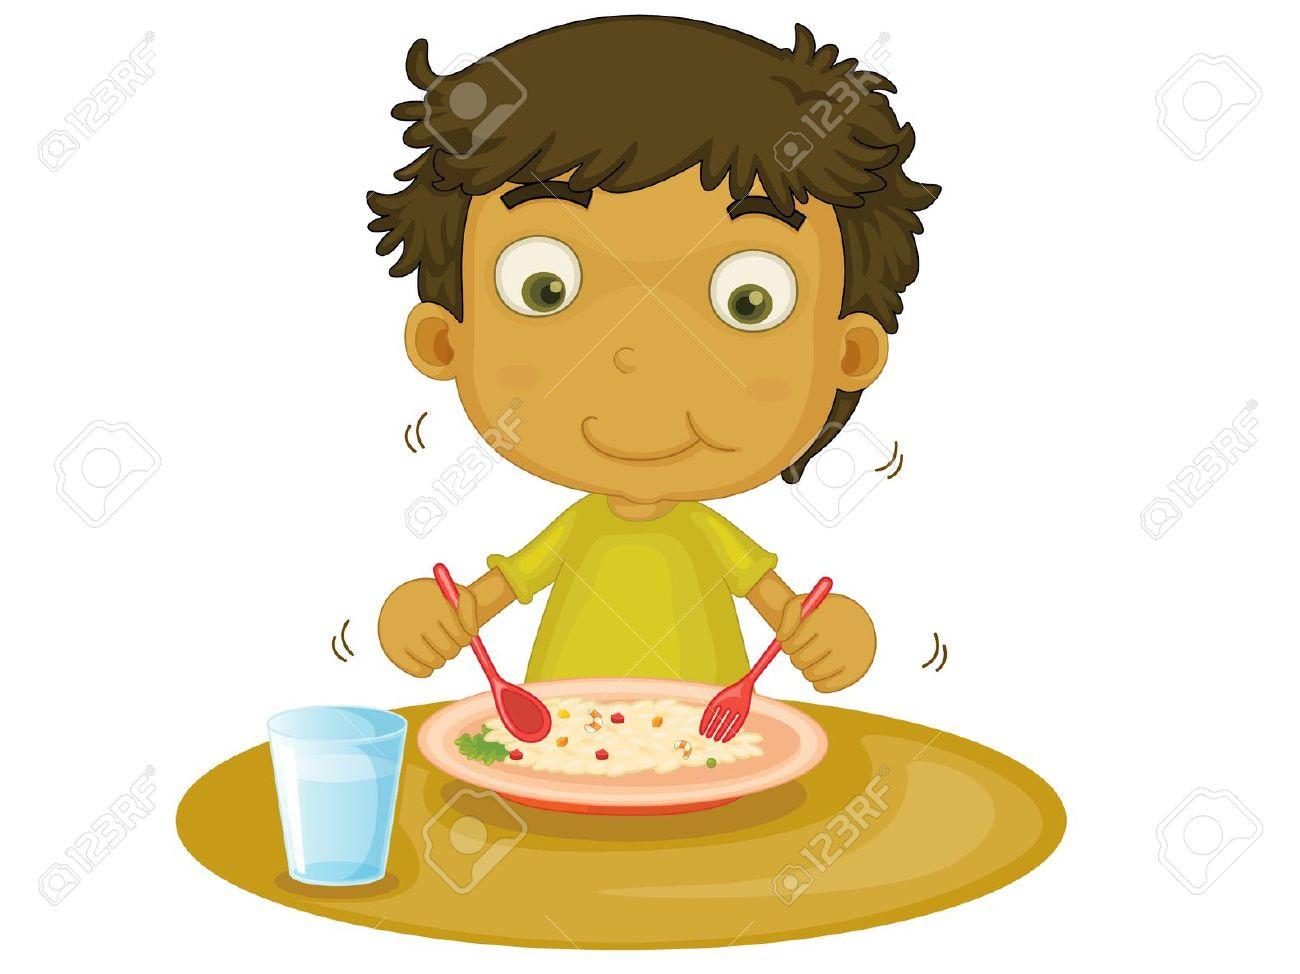 Eating Dinner Clipart  Child Eating Breakfast Clipart – 101 Clip Art